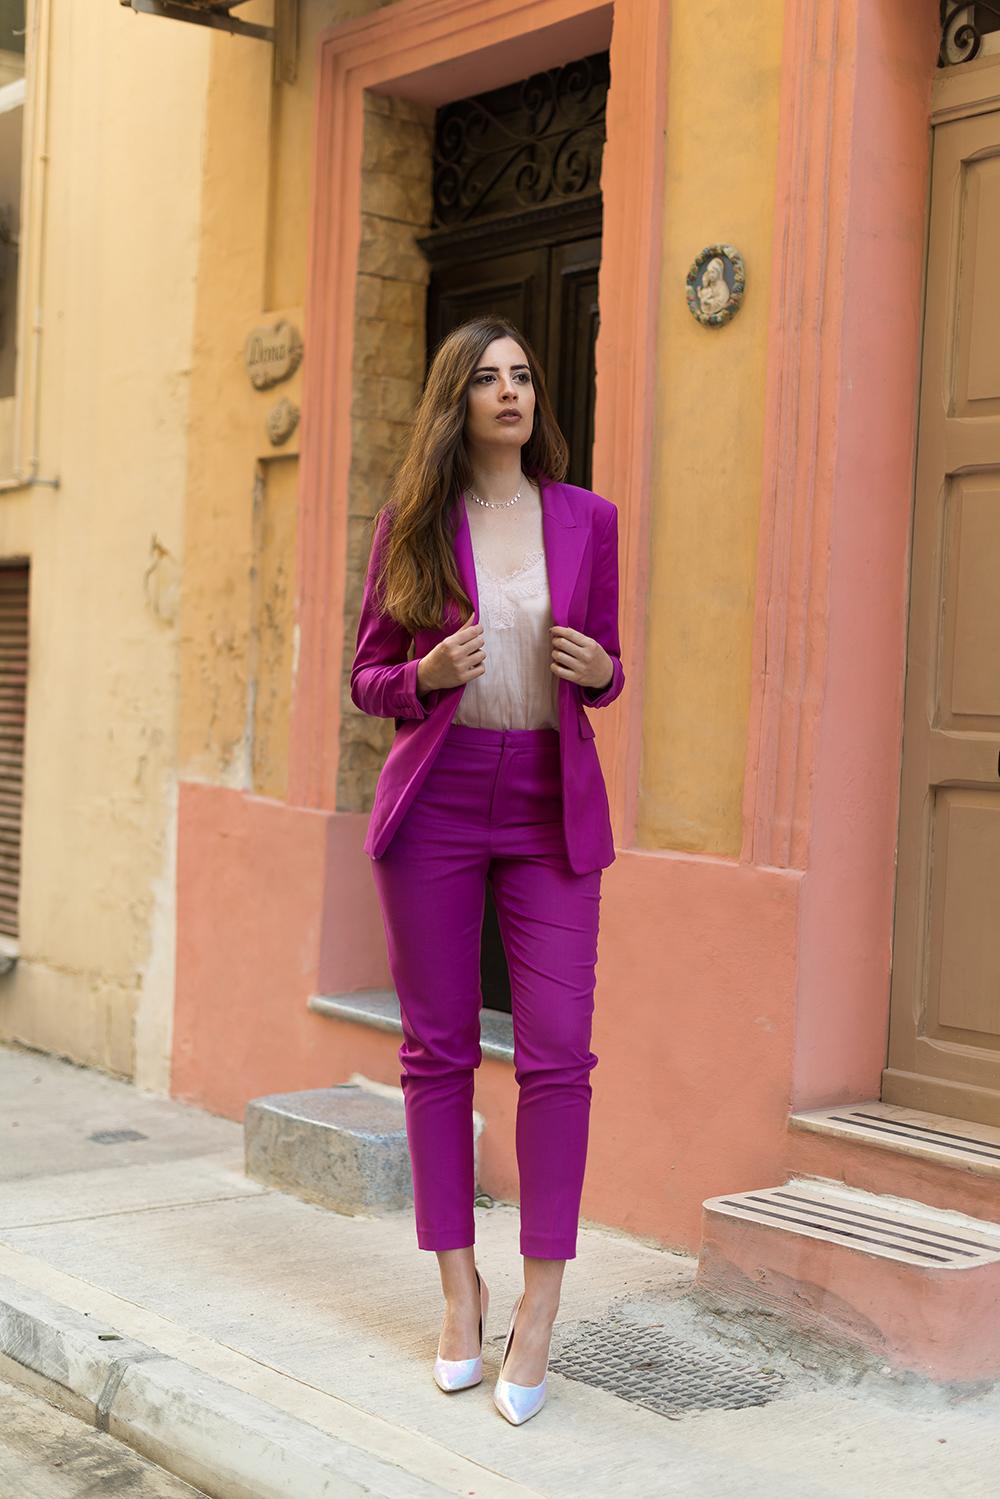 Jeden Tag das perfekte Outfit-Fashionblog Outfit-Modeblog Berlin-andysparkles.de